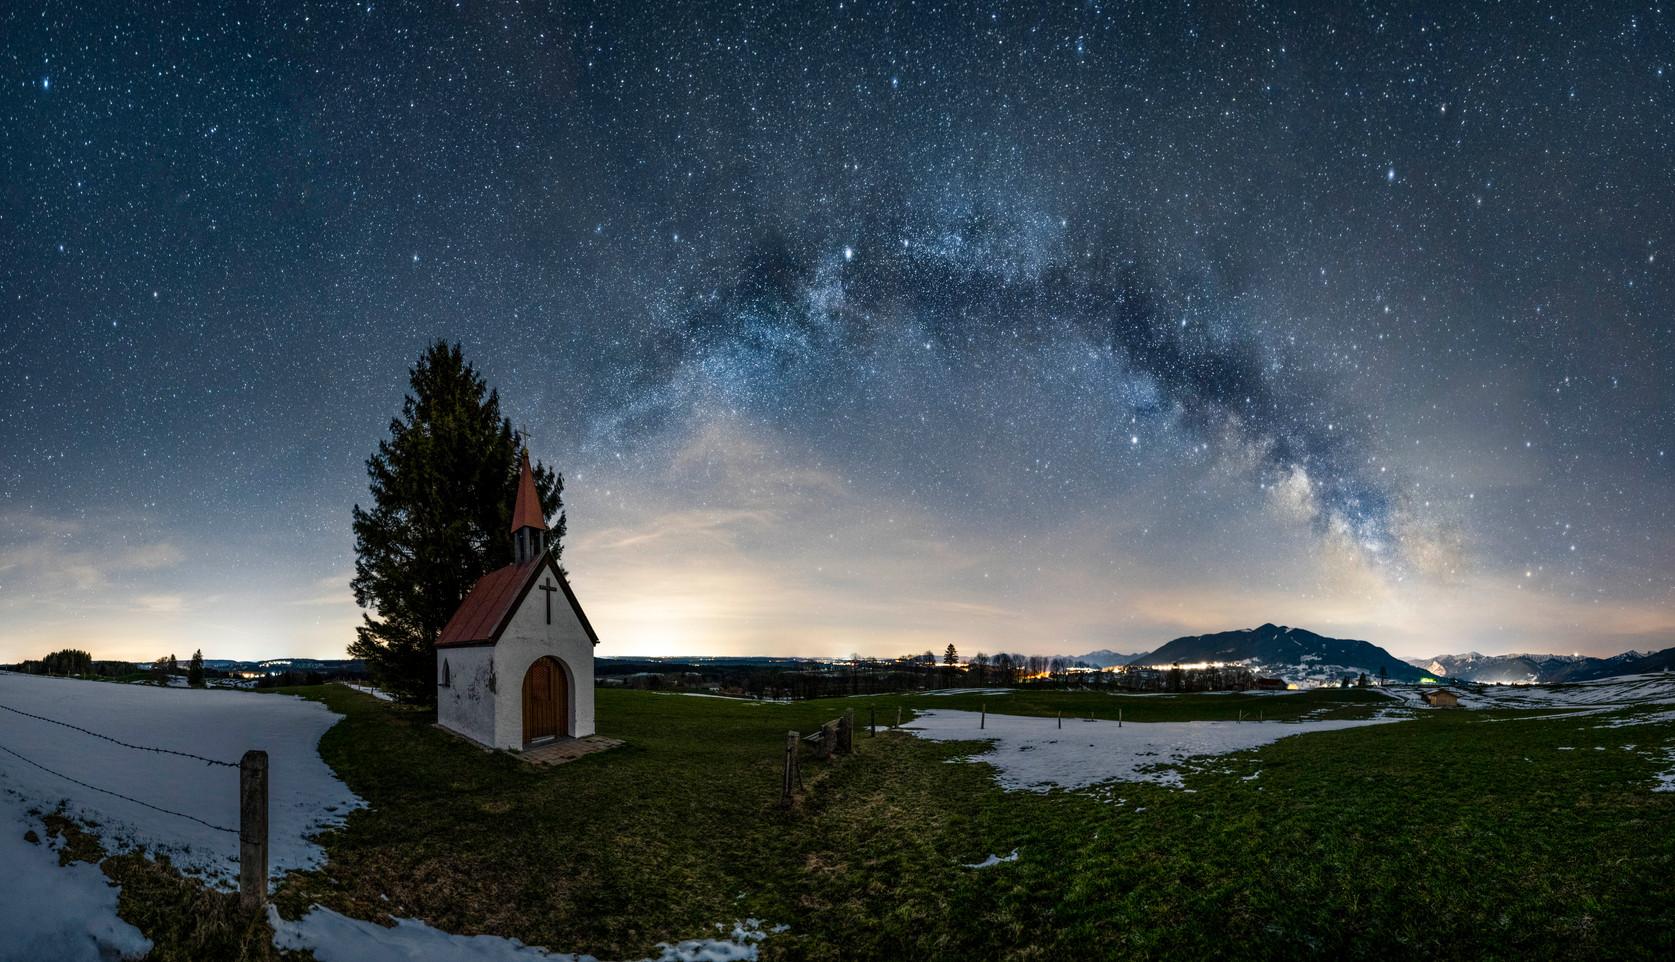 Eine kleine Kapelle und die Milchstraße